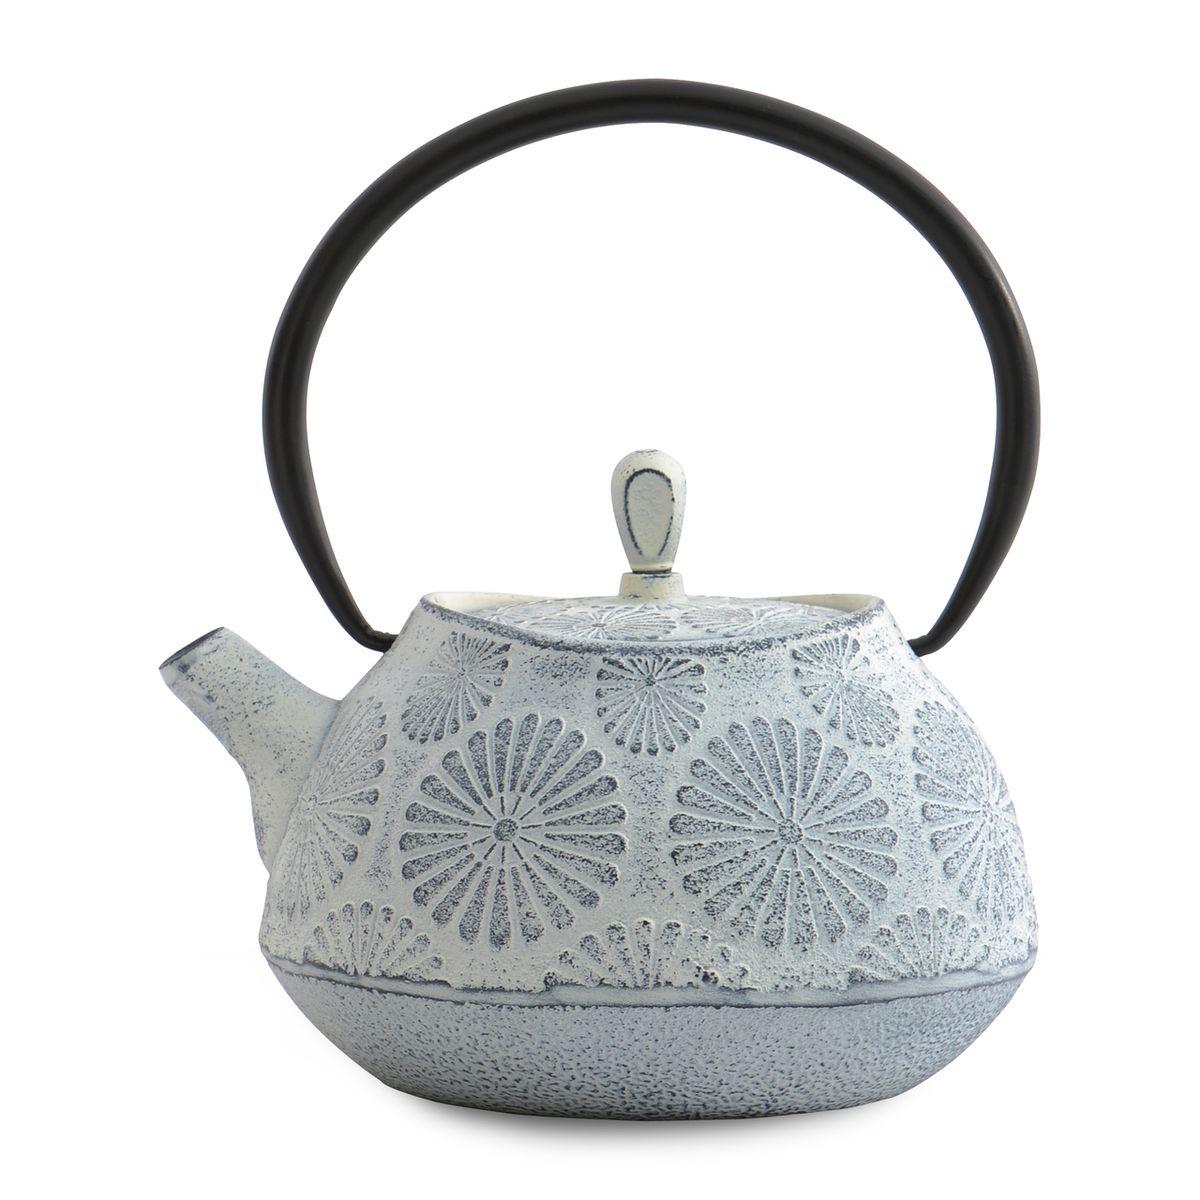 Чугунный чайник BergHOFF Studio, цвет:Белый с узором, 1,1л1107121Чайник Studio изготовлен из чугуна, благодаря которому сохраняет чай дольше горячим. Кроме того, благодаря равномерному распределению тепла в чугуне, улучшается натуральный вкус чайных листьев. Мелкосетчатый фильтр позволяет наслаждаться чаем без докучливых чаинок в Вашей чашке. Внутреннее покрытие из прочной эмали обеспечивает защиту от коррозии. Рекомендована ручная мойка. Упакован в подарочную коробку.